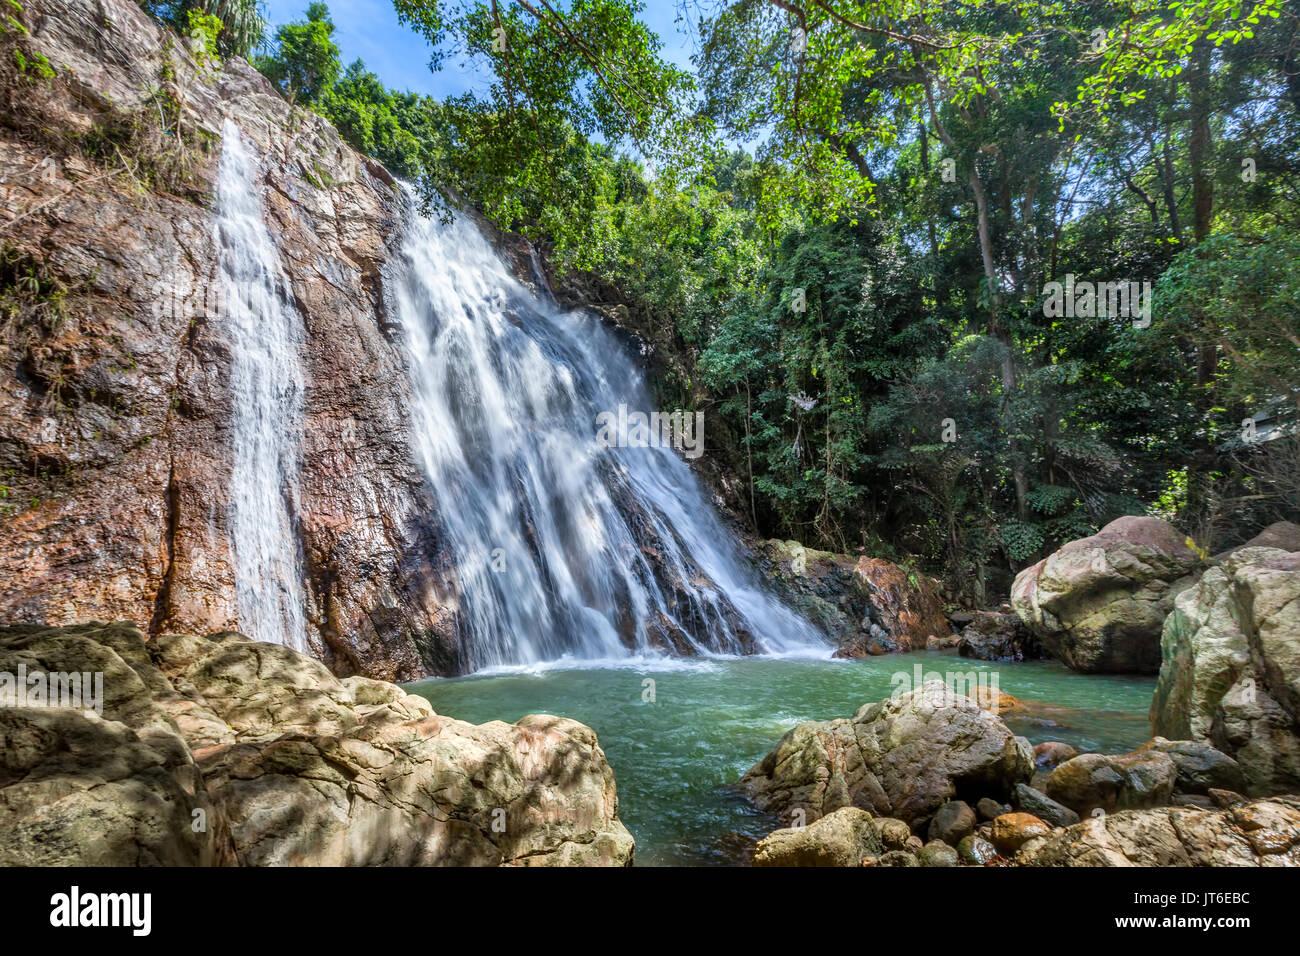 Na Muang or Namuang Waterfall Park, Koh Samui island, Thailand - Stock Image